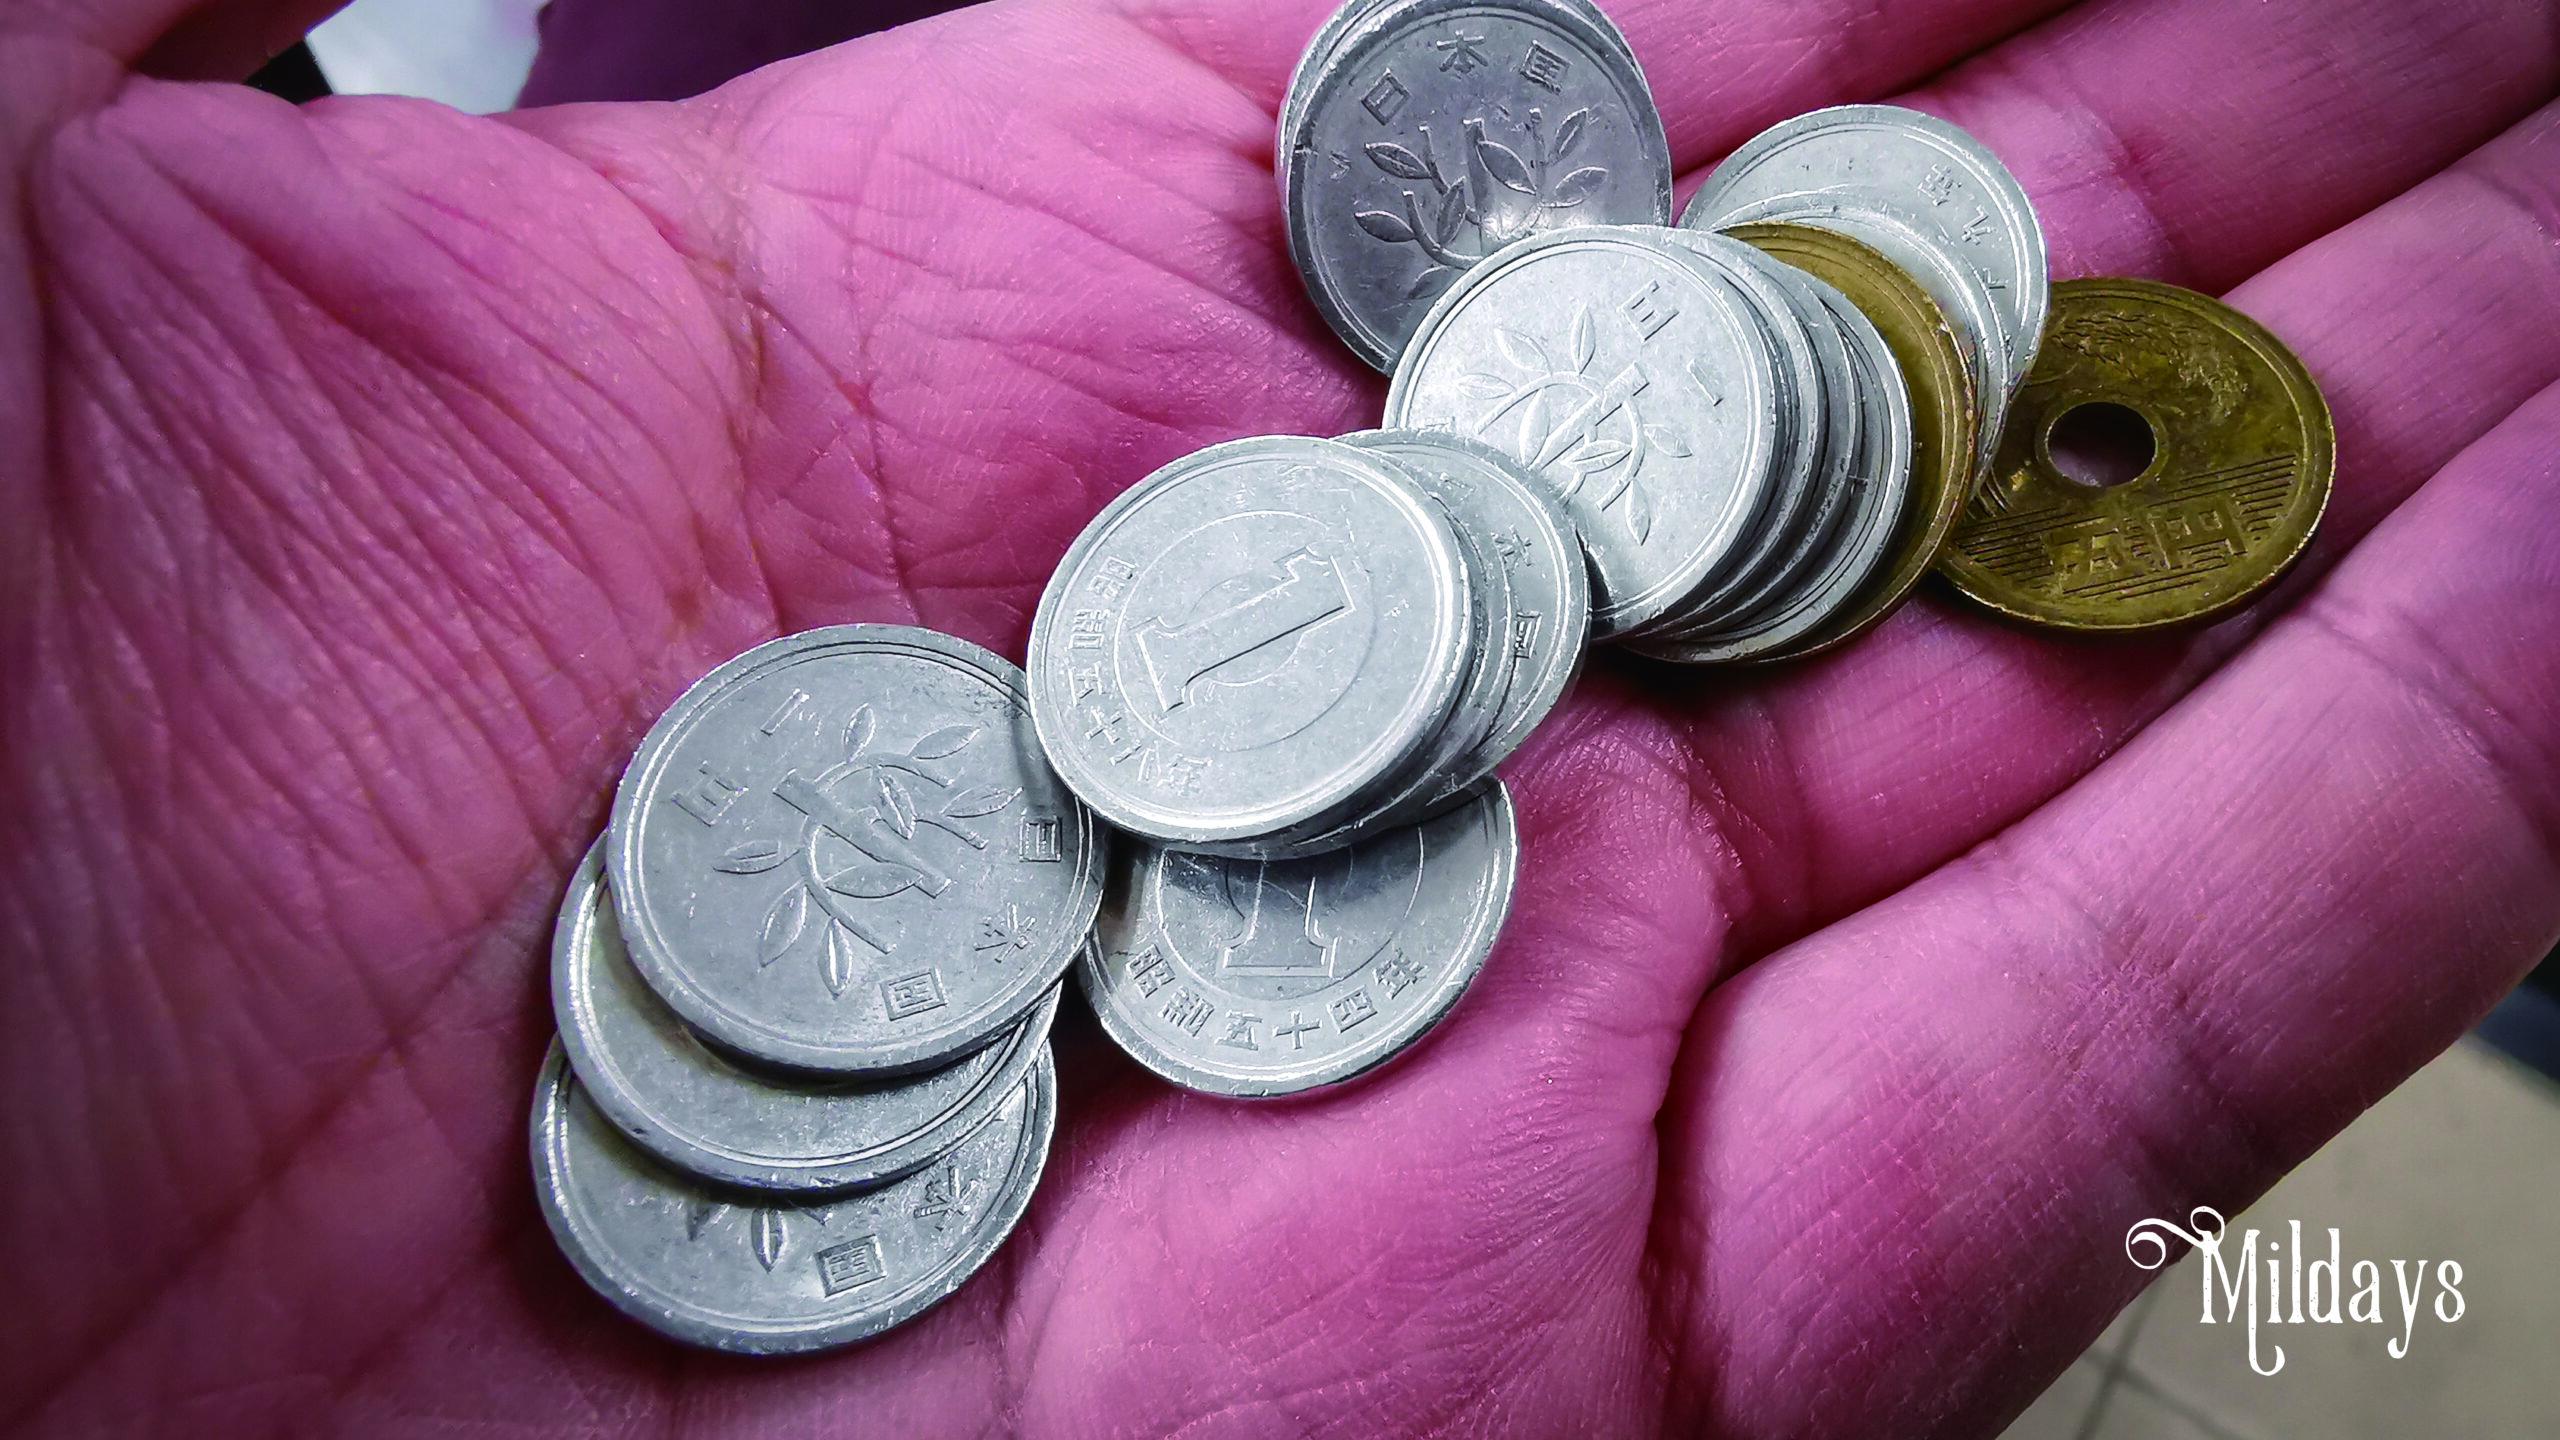 5円玉と50円玉に穴がある理由!穴なし硬貨って?!素材・材質など